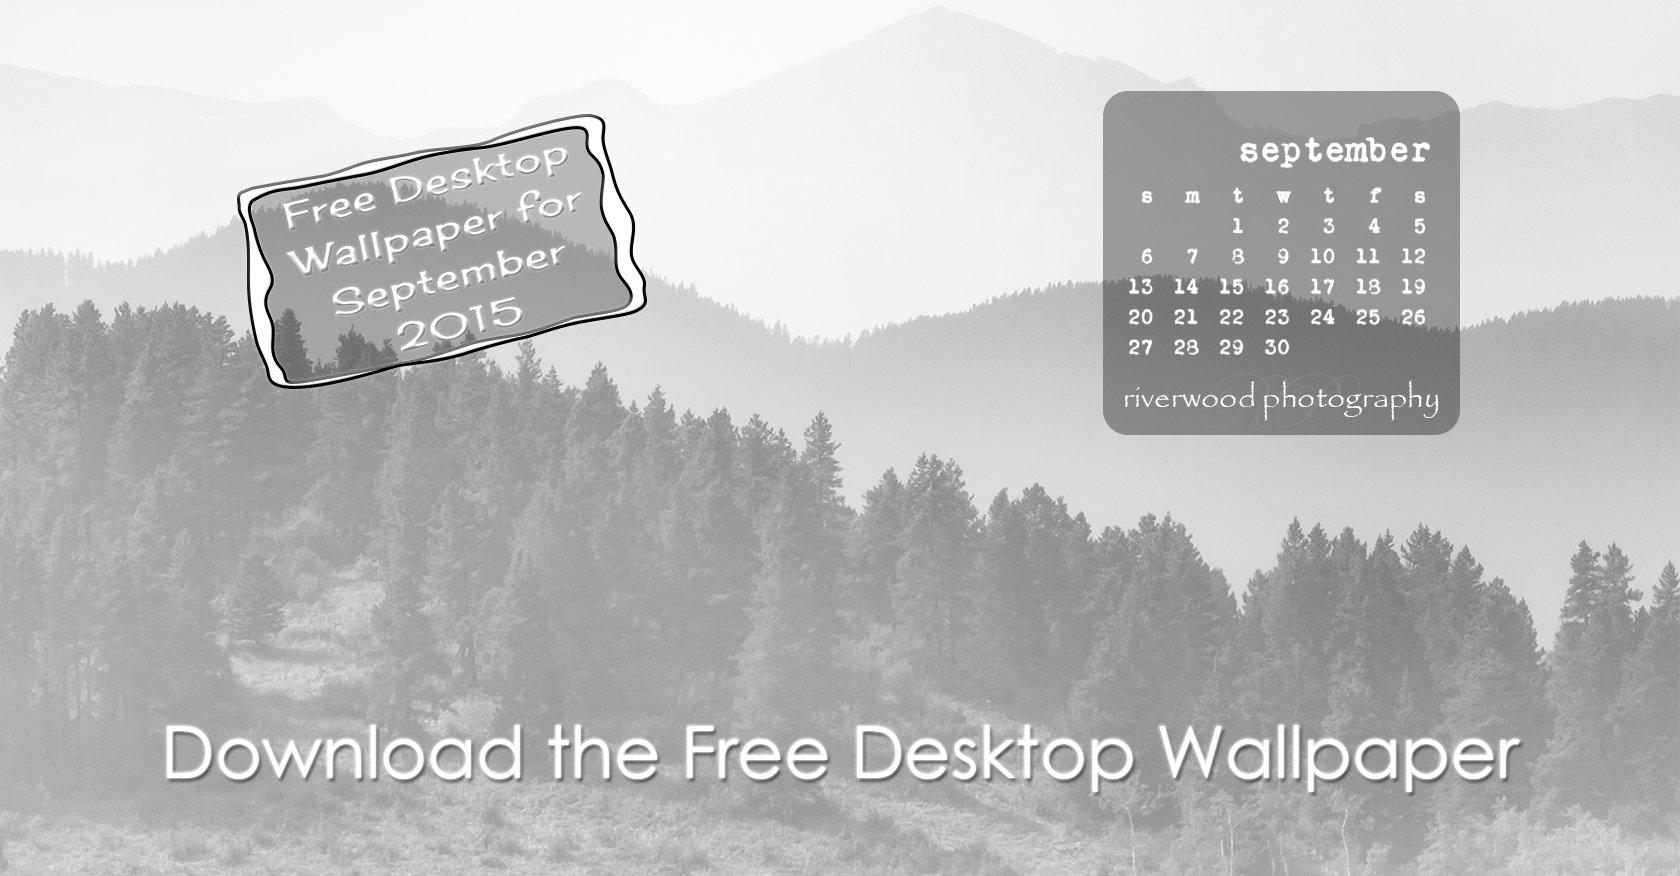 Free Desktop Wallpaper for September 2015